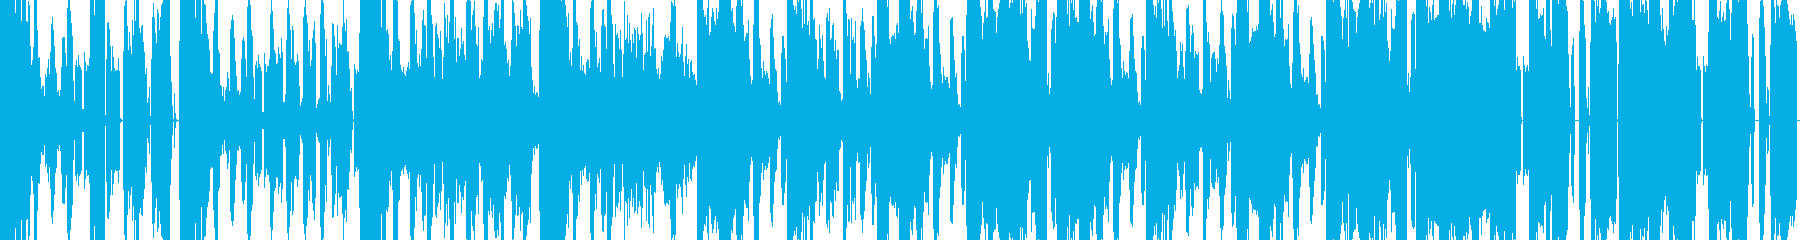 暗いダブステップ風のBGMの再生済みの波形